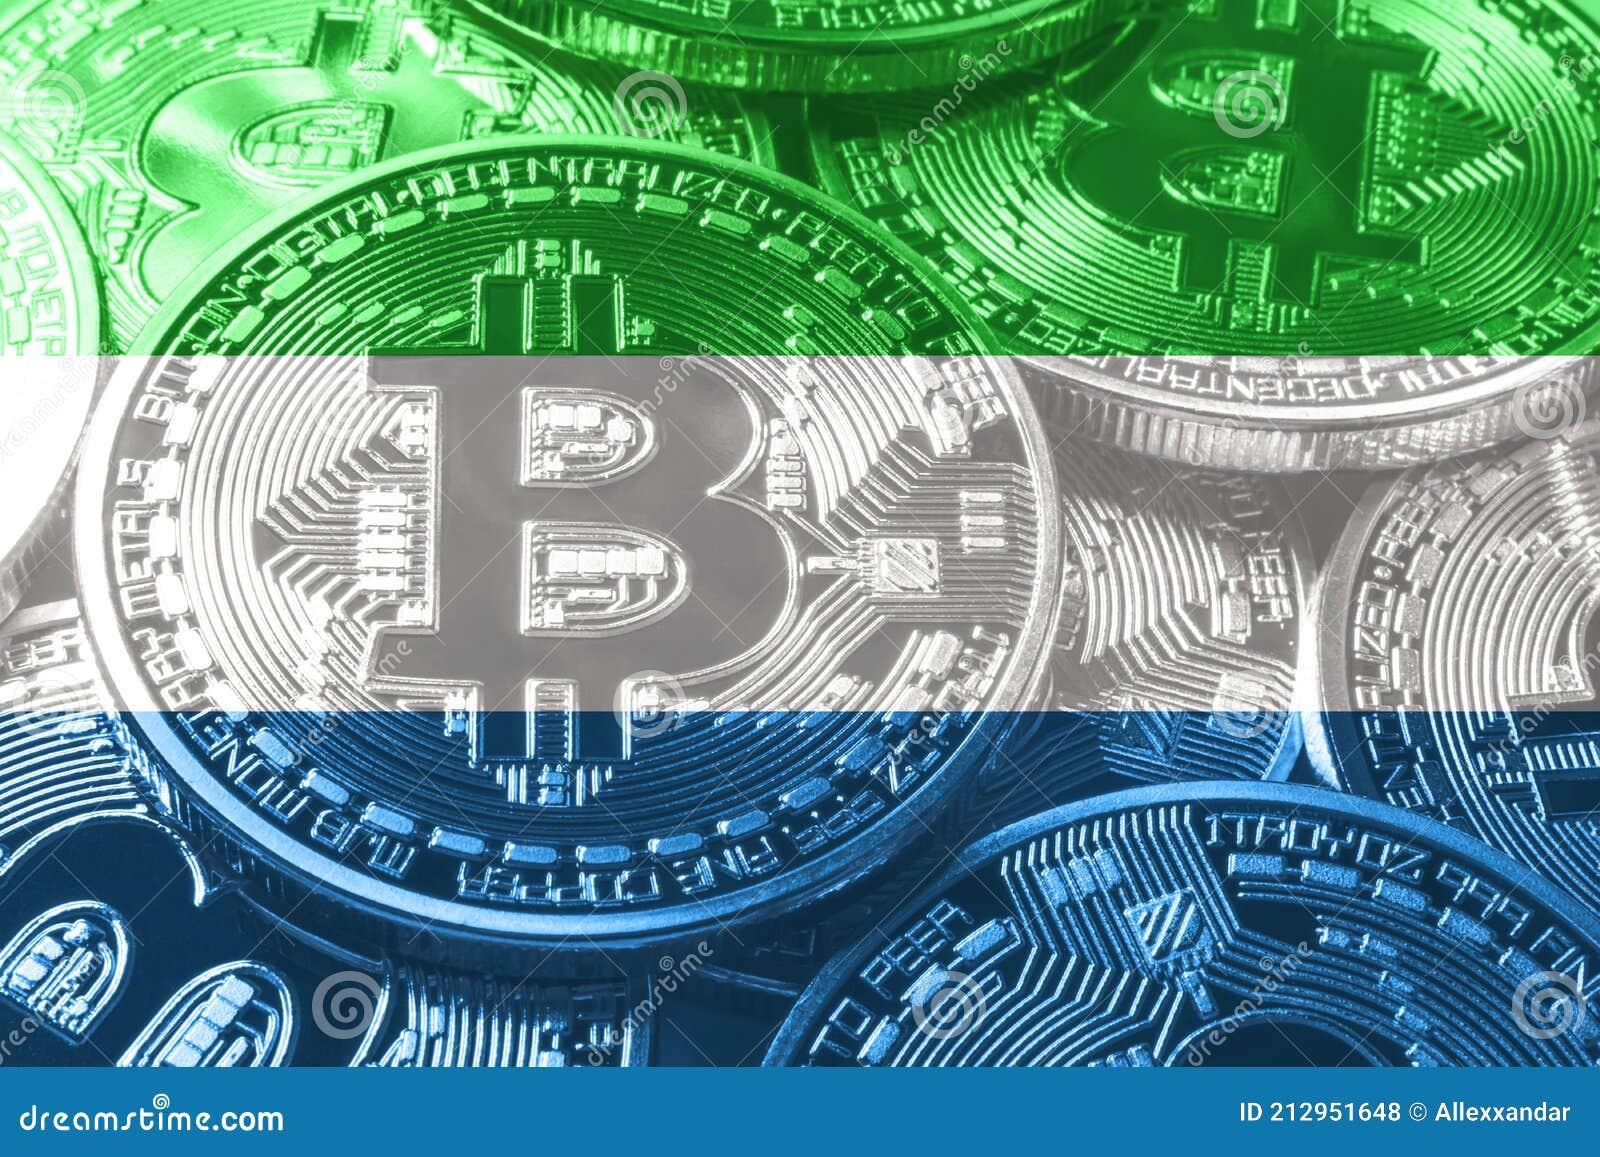 leone bitcoin come scambiare bitcoin su altcoin trader